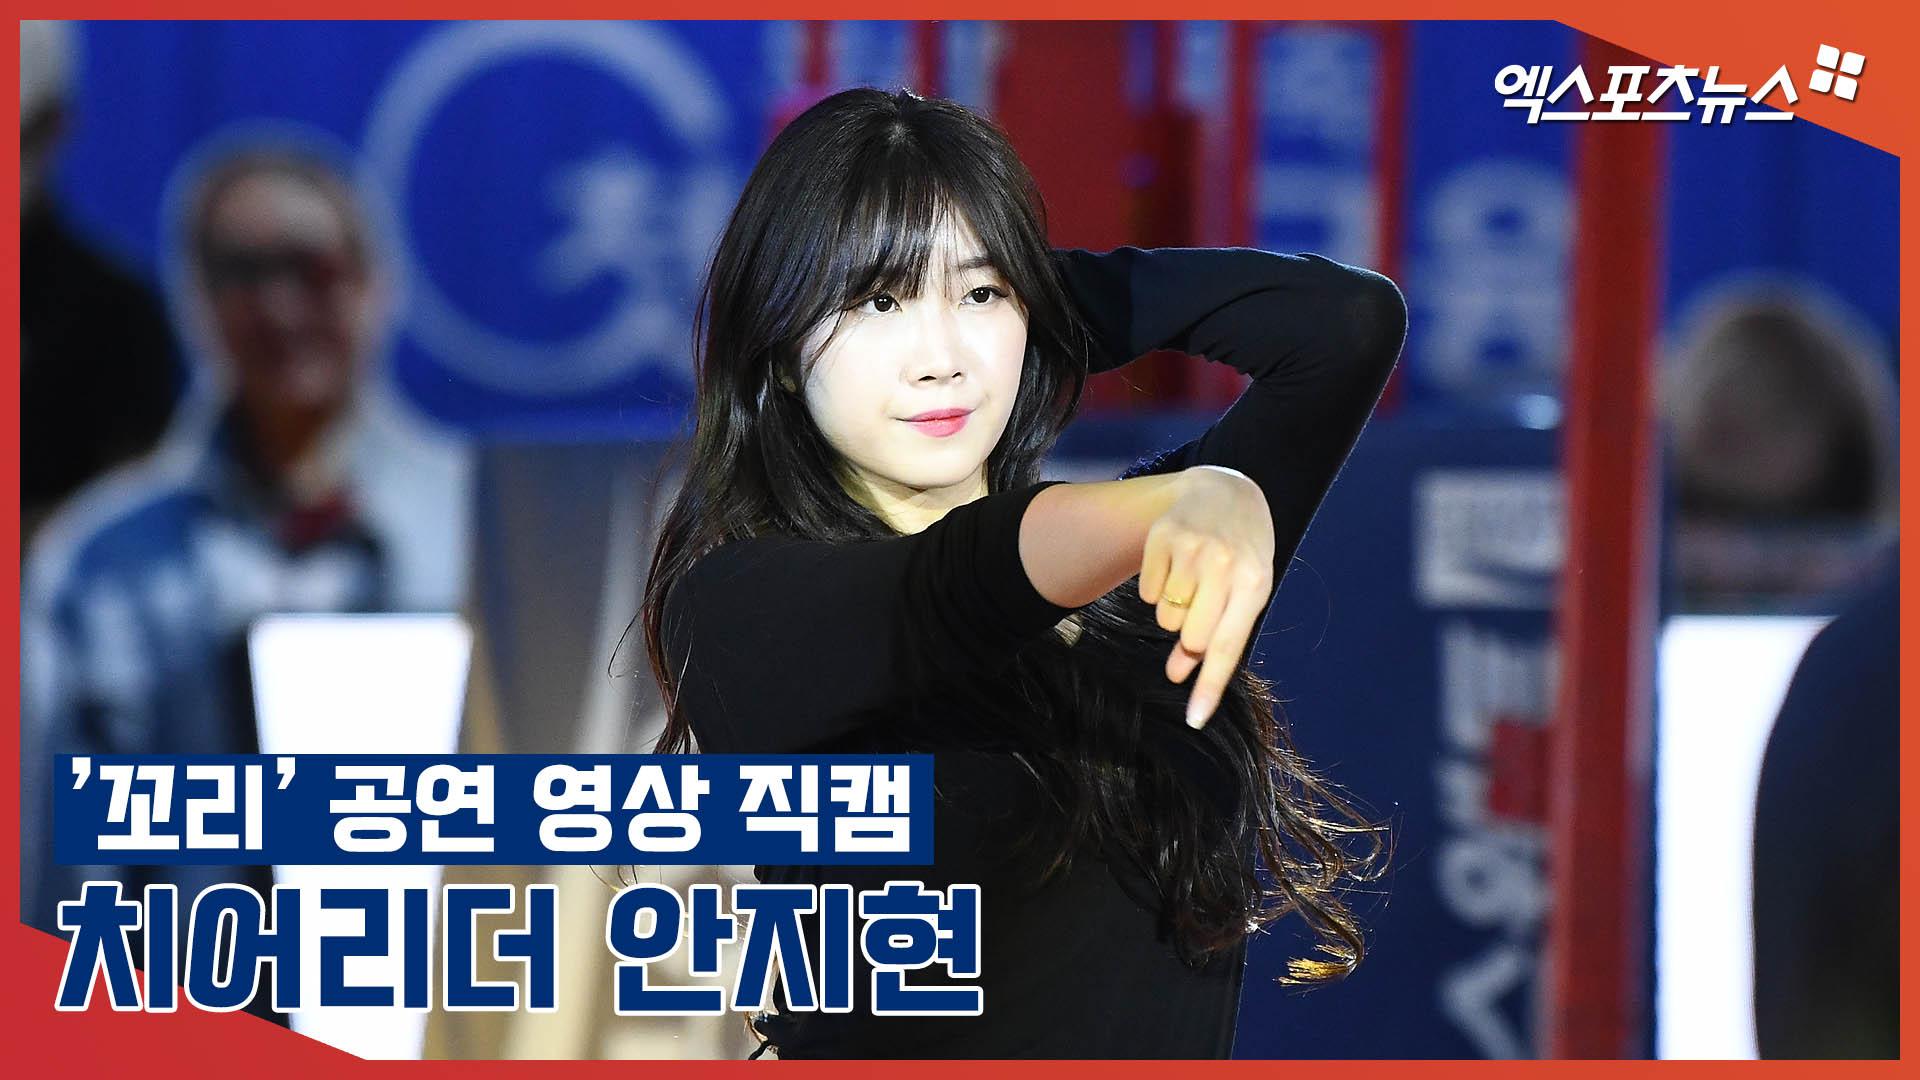 치어리더 안지현, '꼬리' 공연 세로 직캠[엑's 영상]